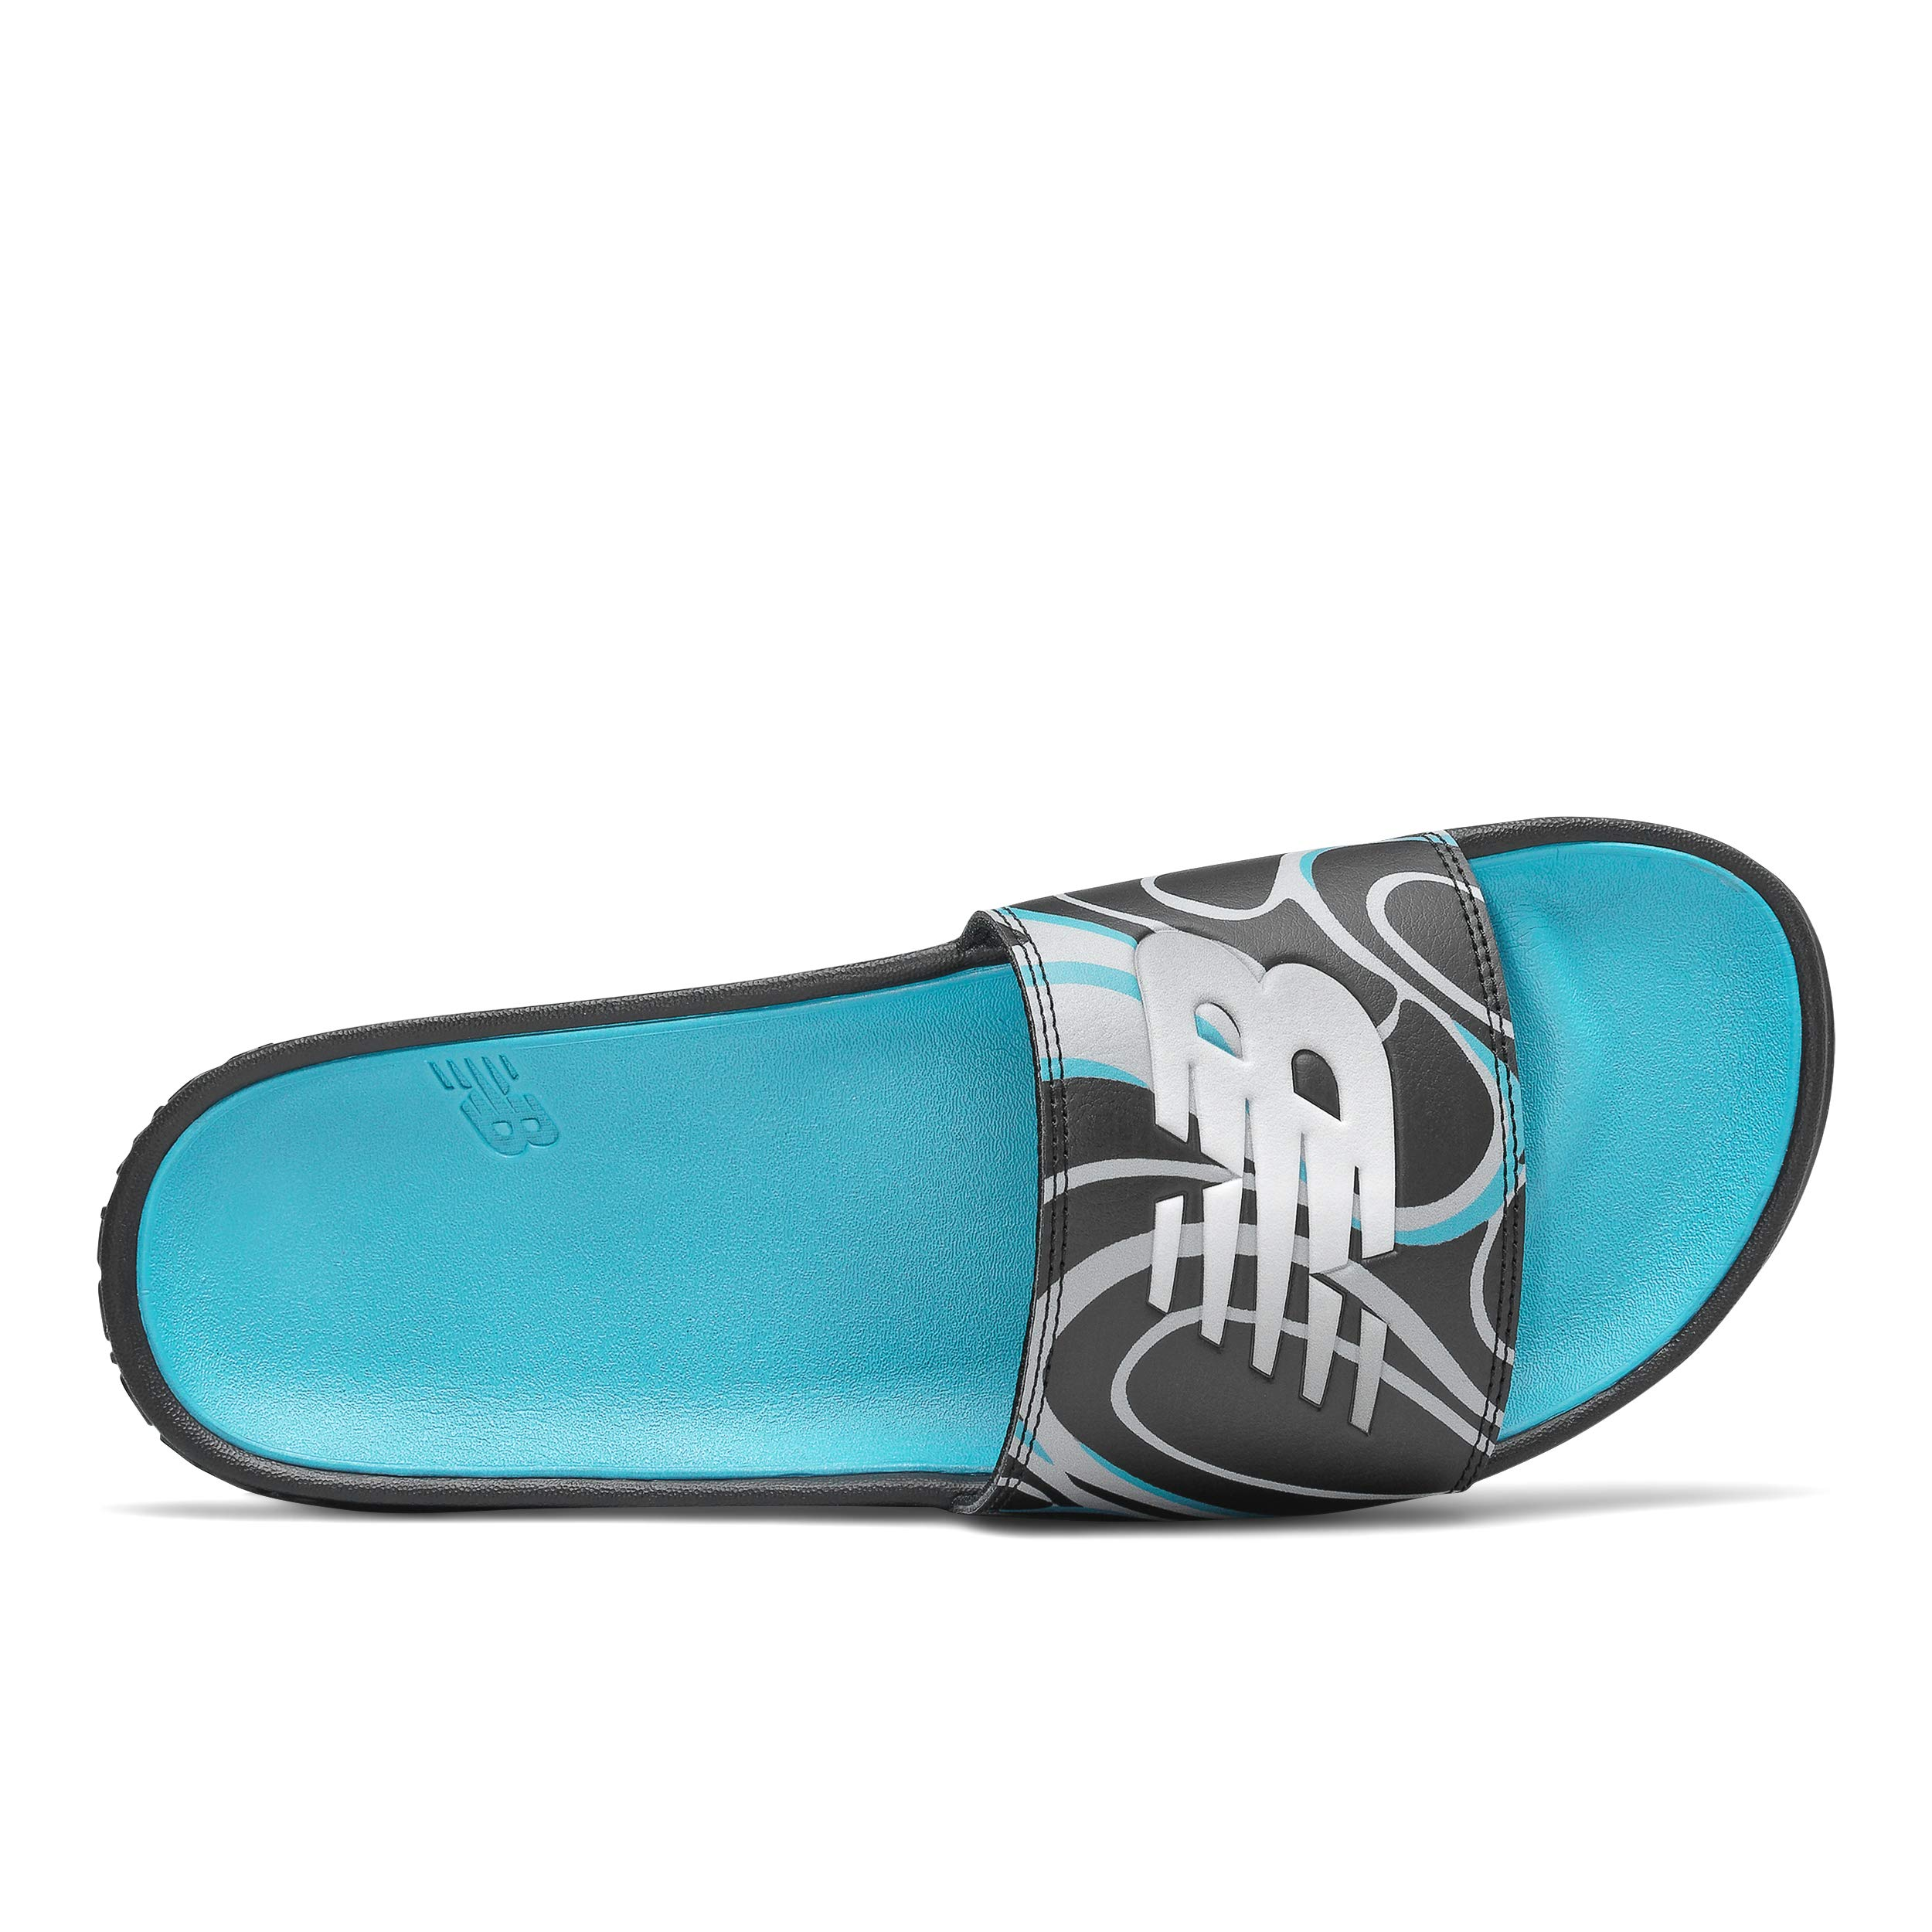 New Balance SMF200V1 Men's Road Running Shoe